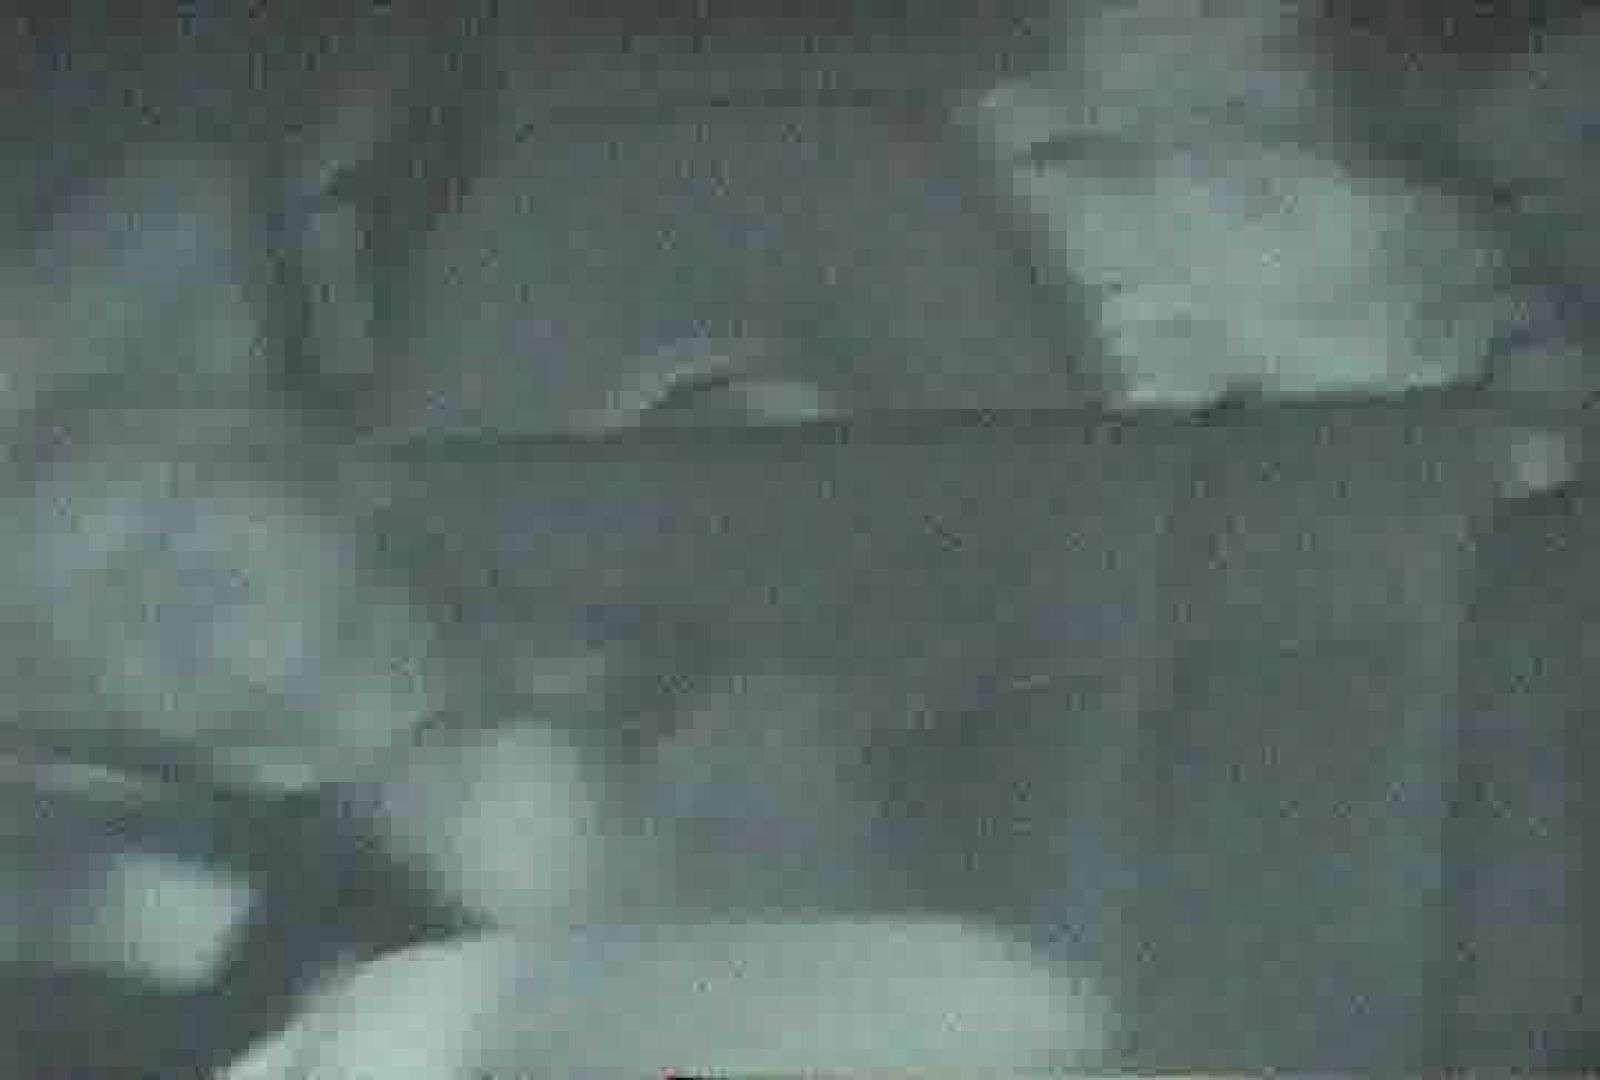 充血監督の深夜の運動会Vol.61 おっぱい 盗撮オメコ無修正動画無料 53画像 20